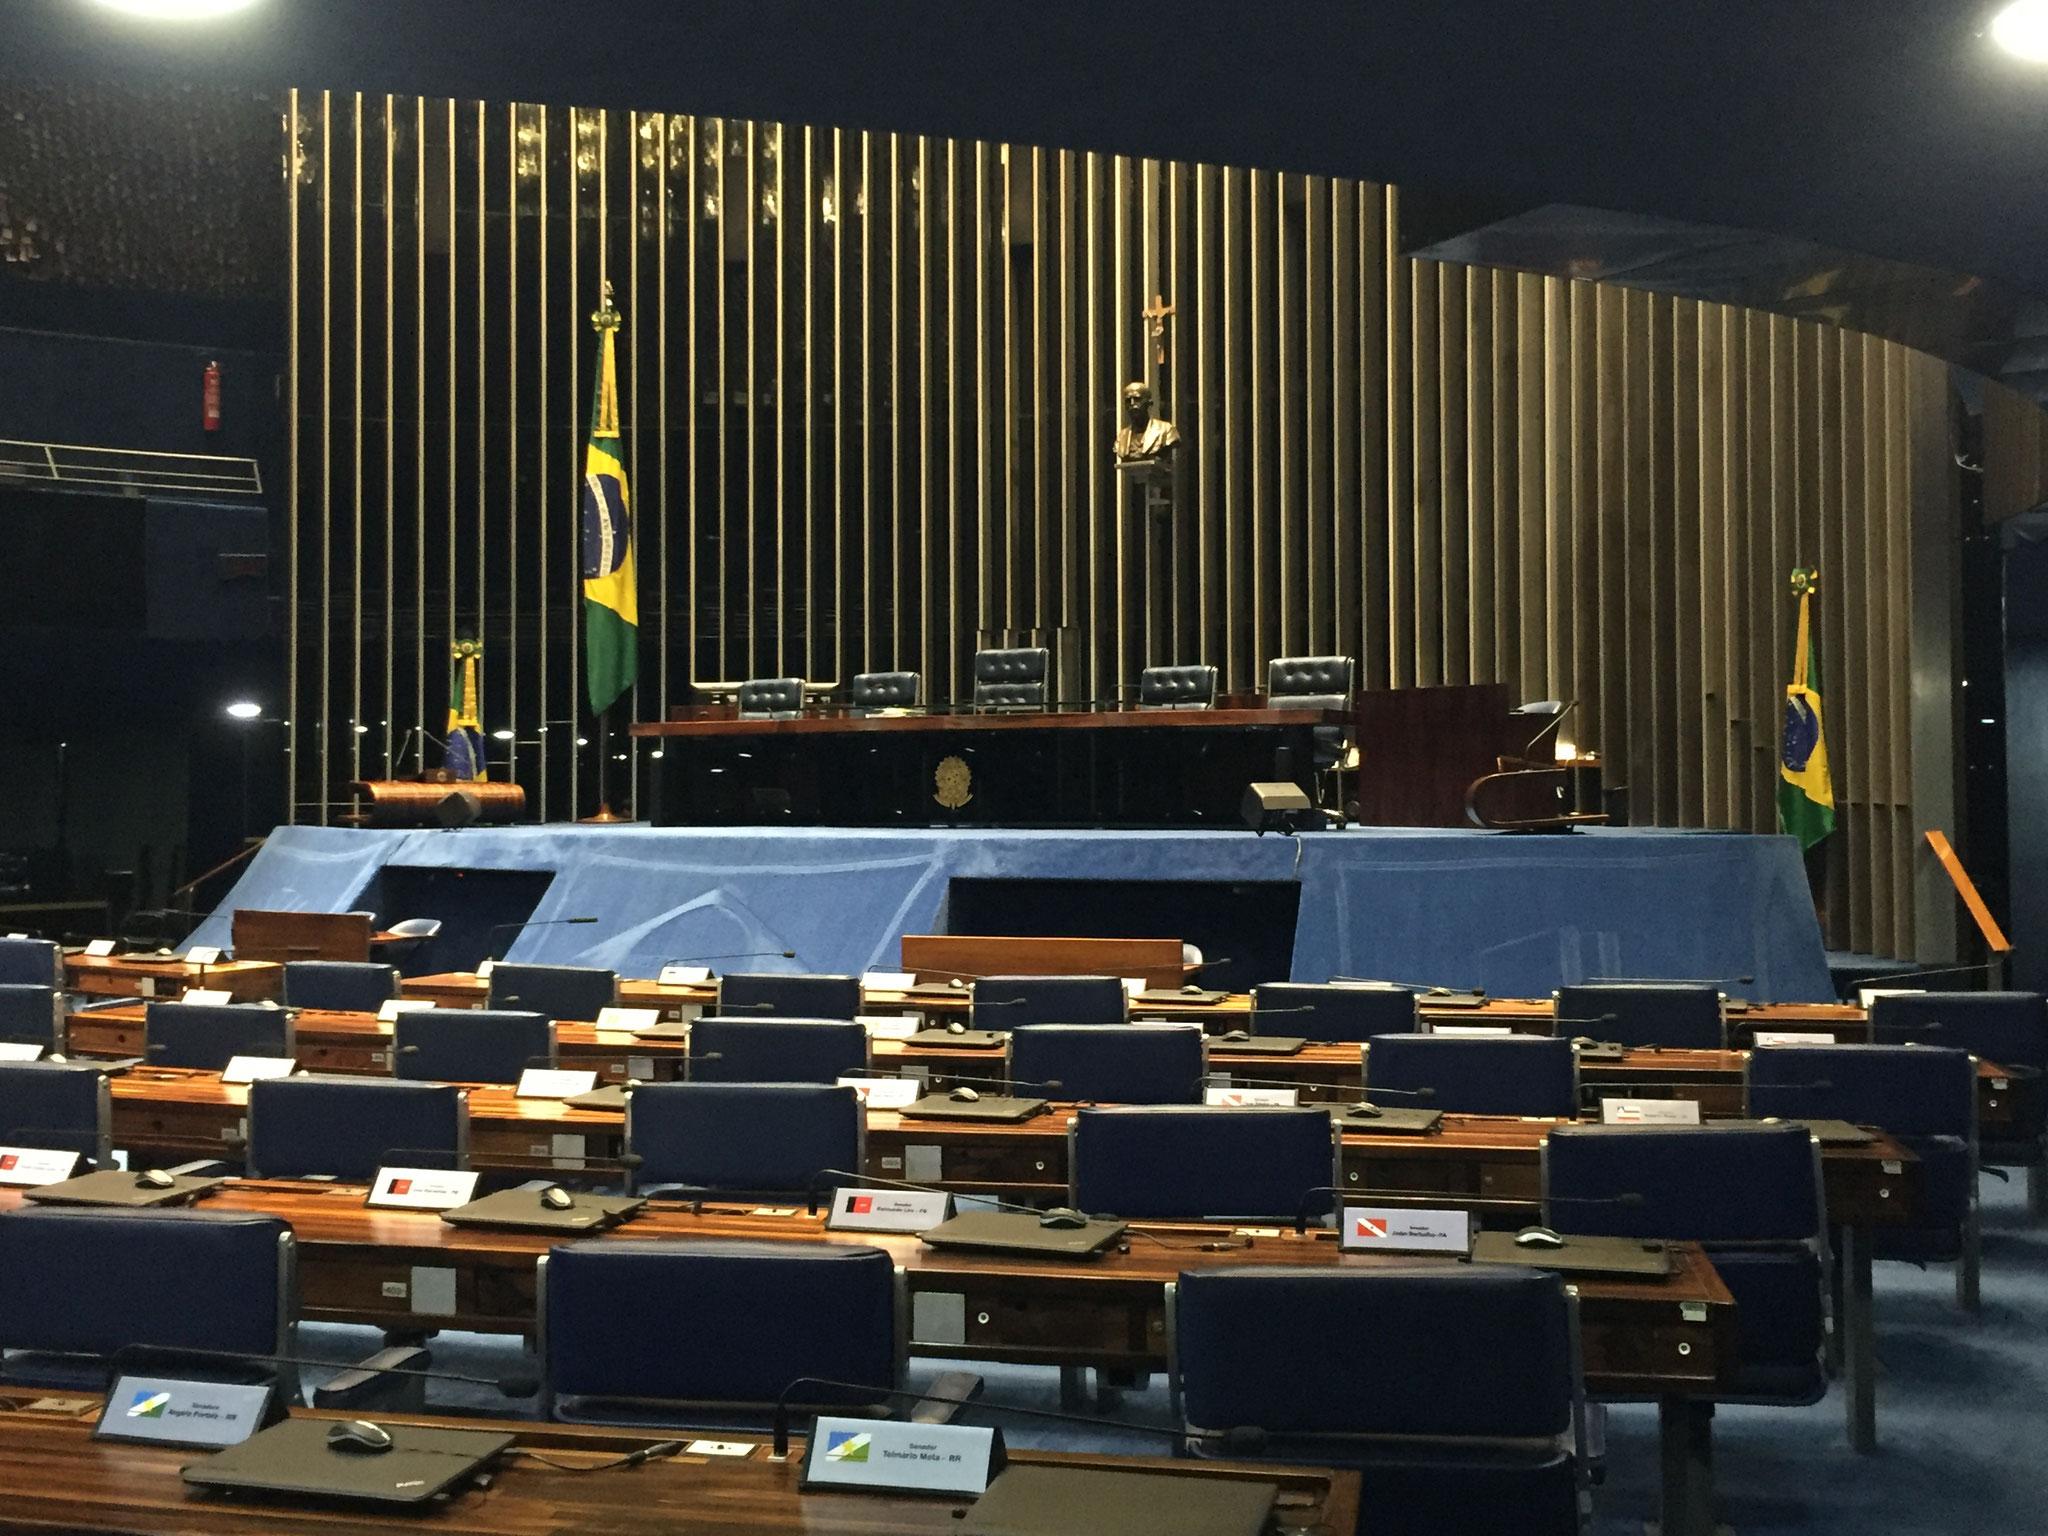 eine Kammer im Parlament